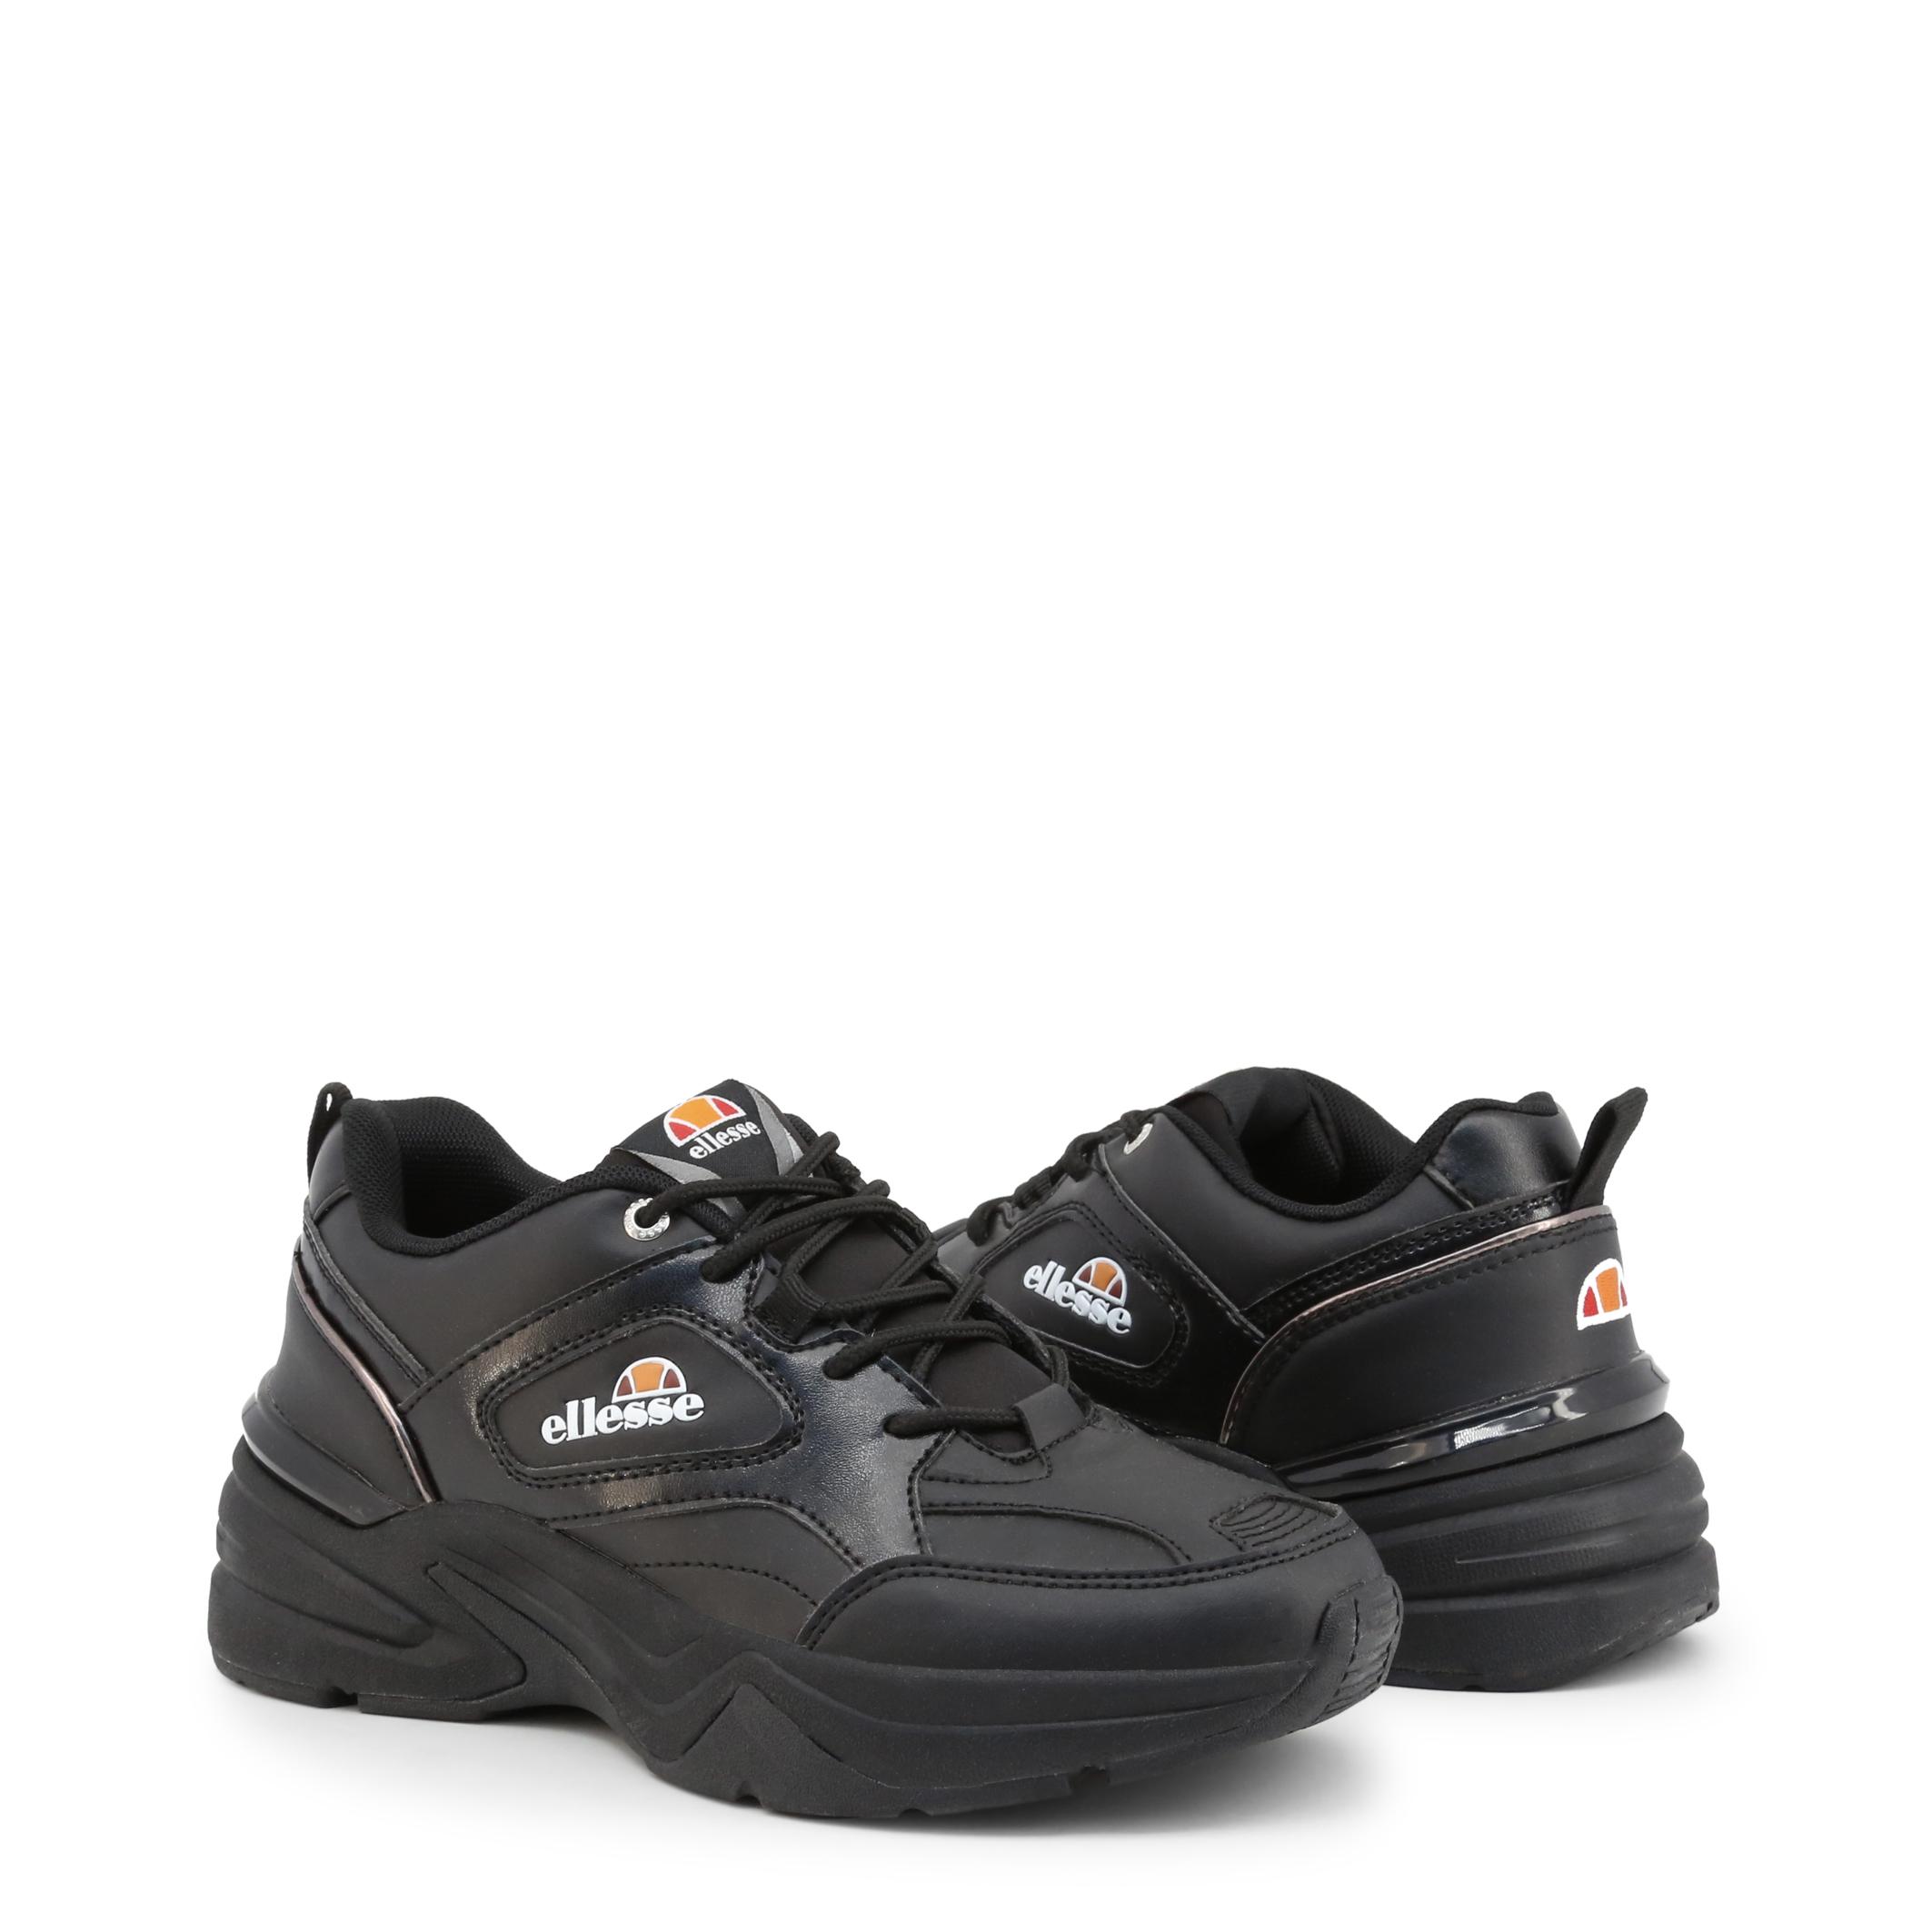 Baskets / Sneakers  Ellesse EL02W60464_02 black